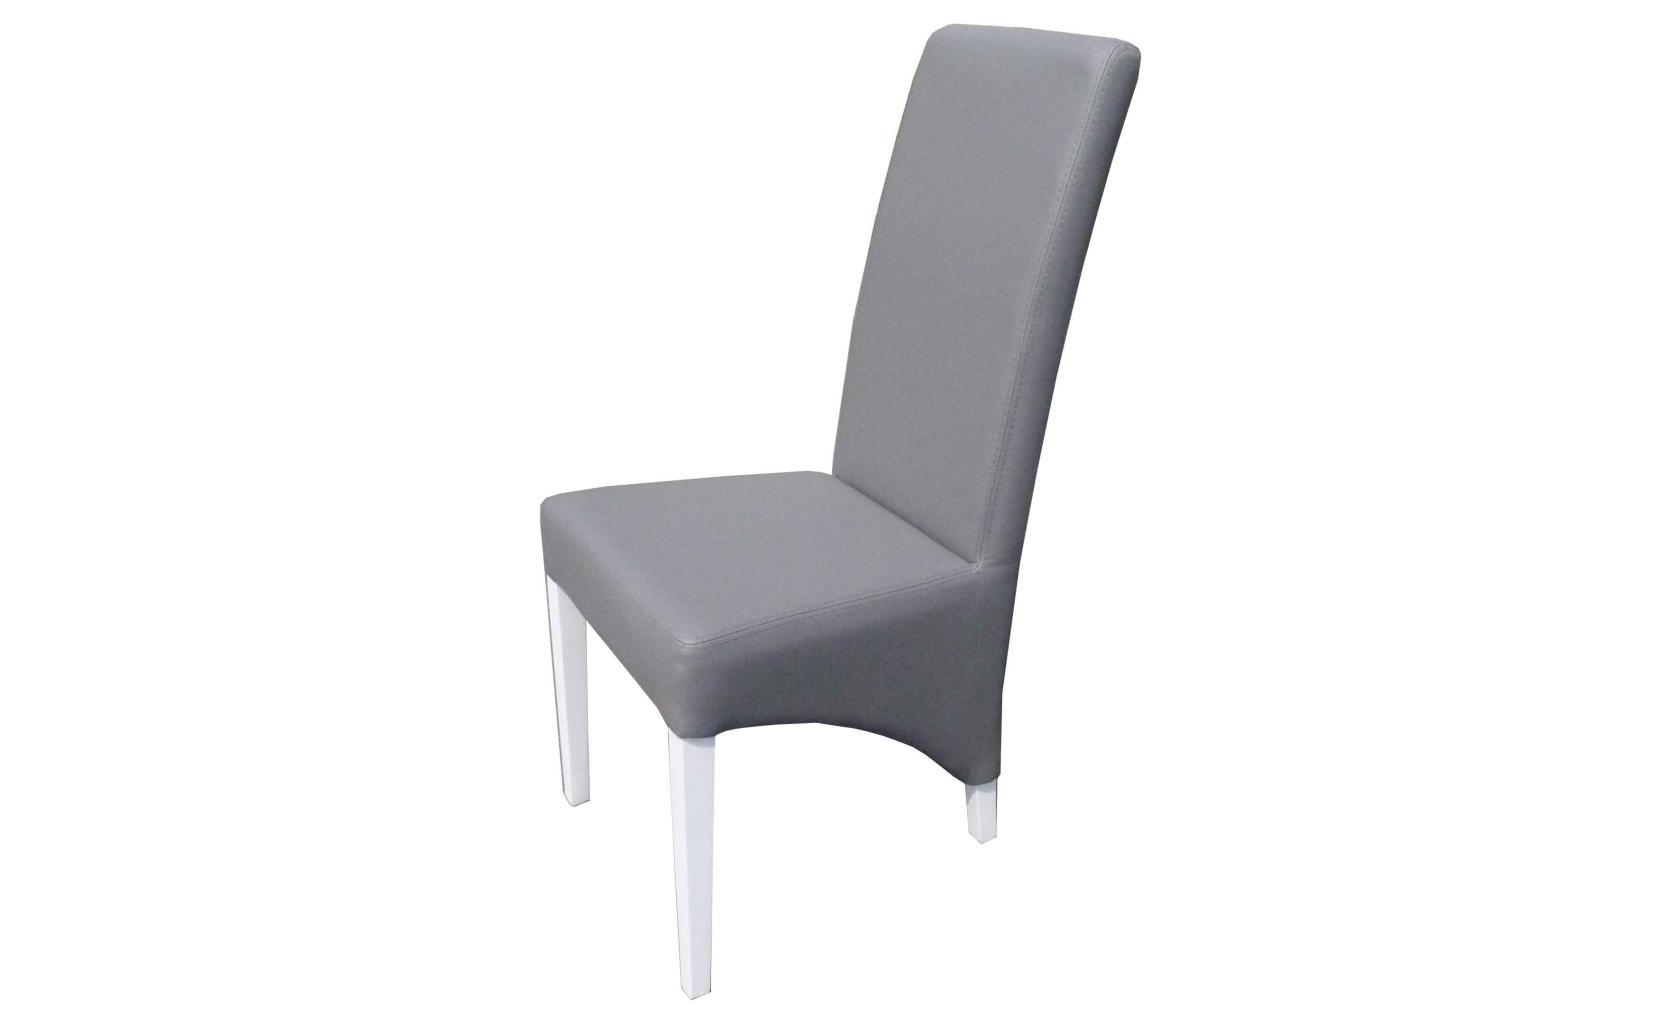 Chaise de salle a manger grise for 6 chaises salle a manger grises